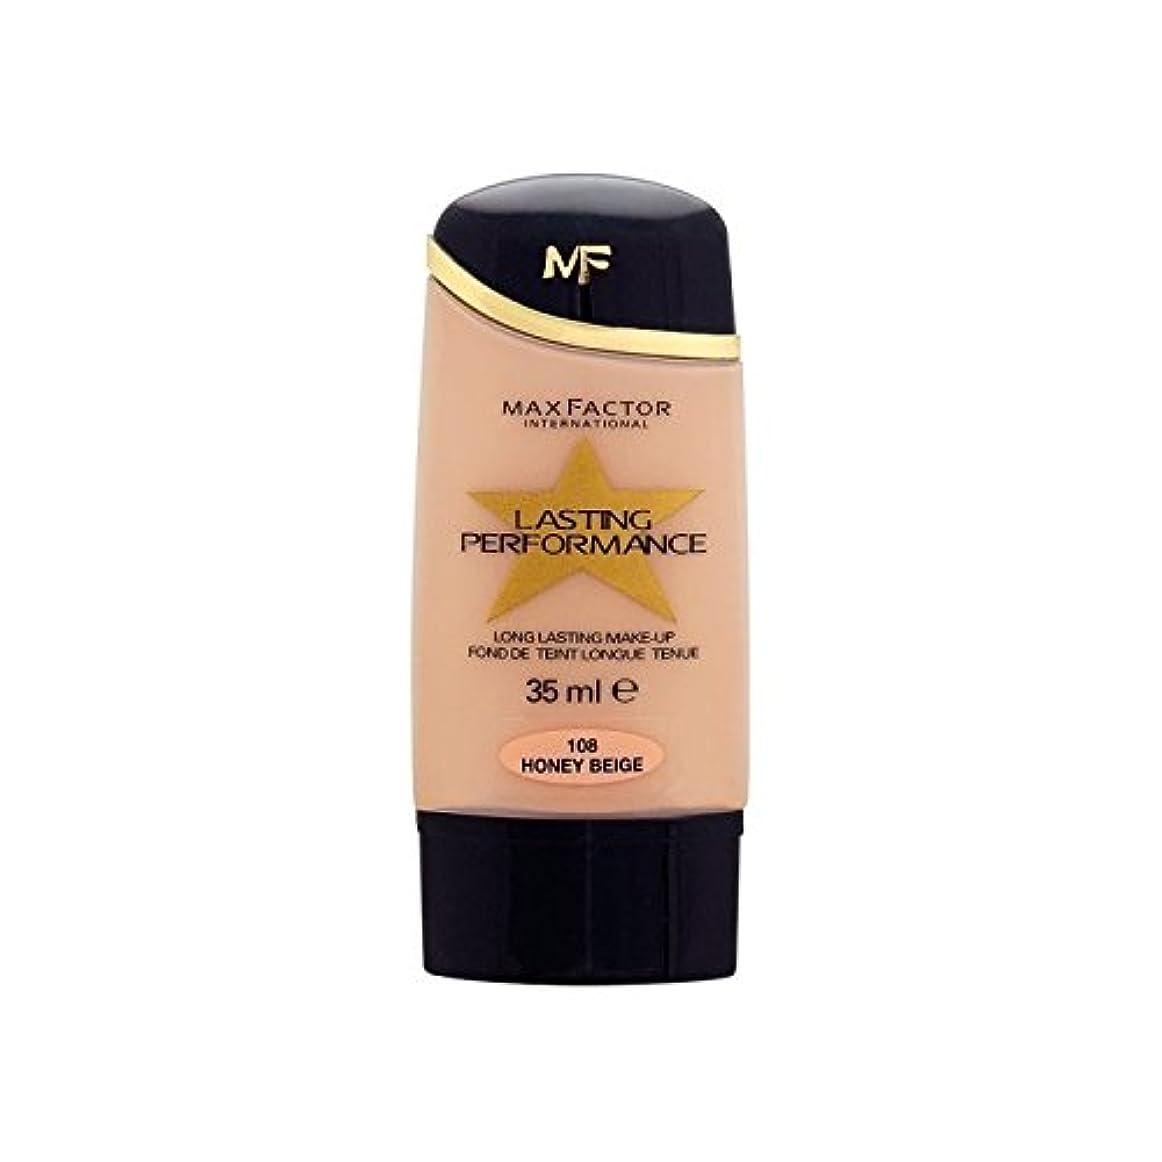 音花嫁添加剤マックスファクター持続パフォーマンスの基礎ハニーベージュ108 x2 - Max Factor Lasting Performance Foundation Honey Beige 108 (Pack of 2) [並行輸入品]